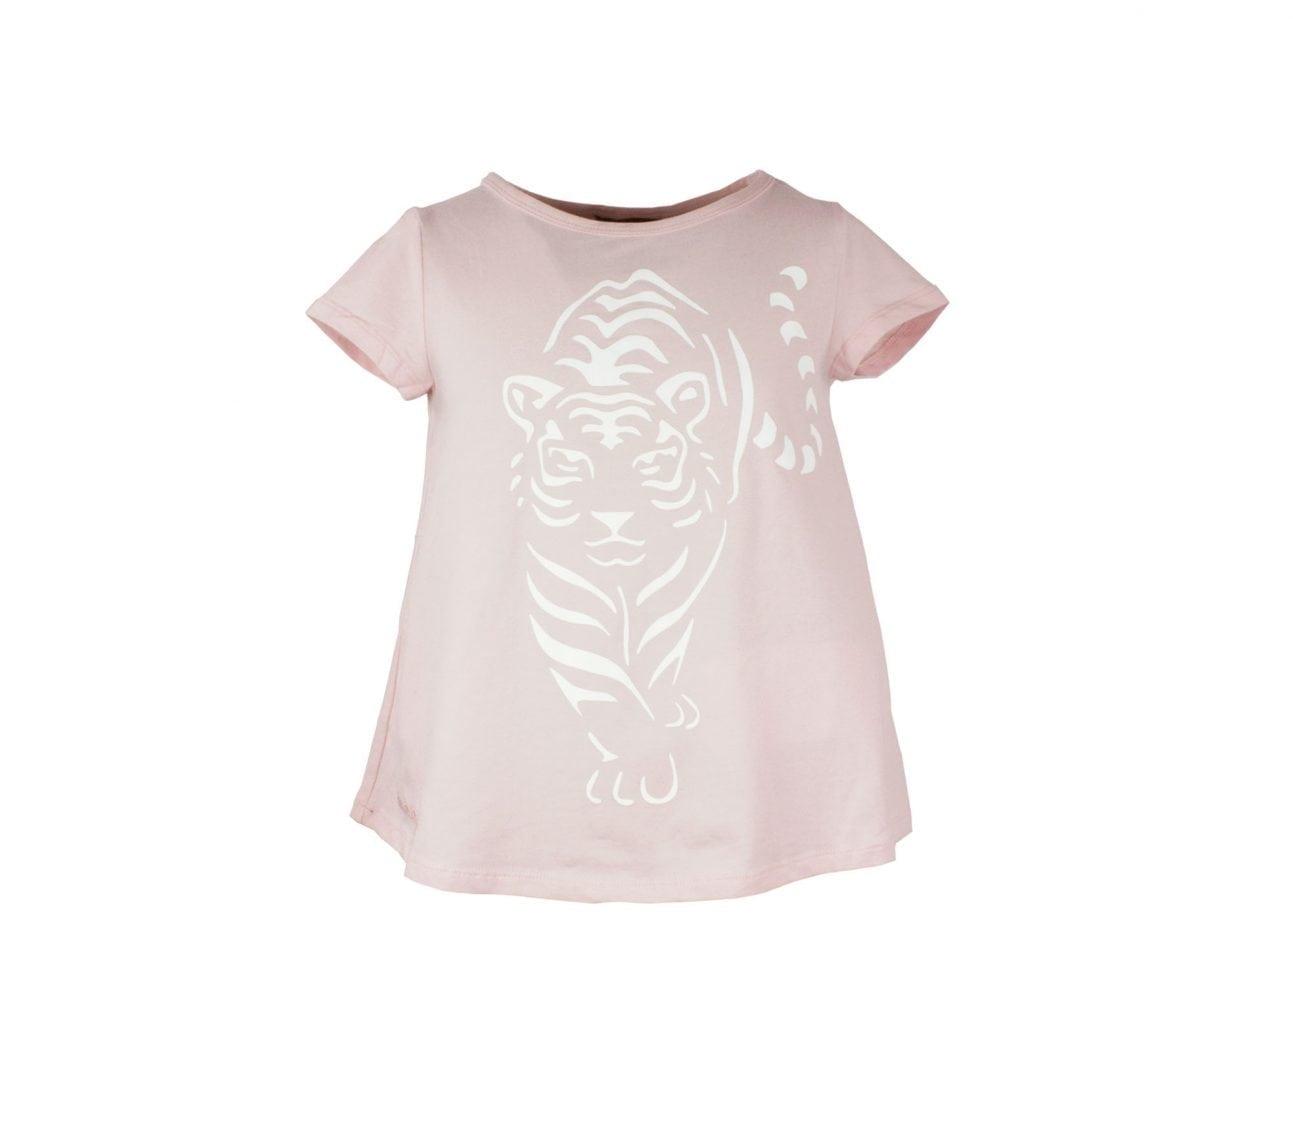 Topp barn kortärmad rosa tiger – Dixie